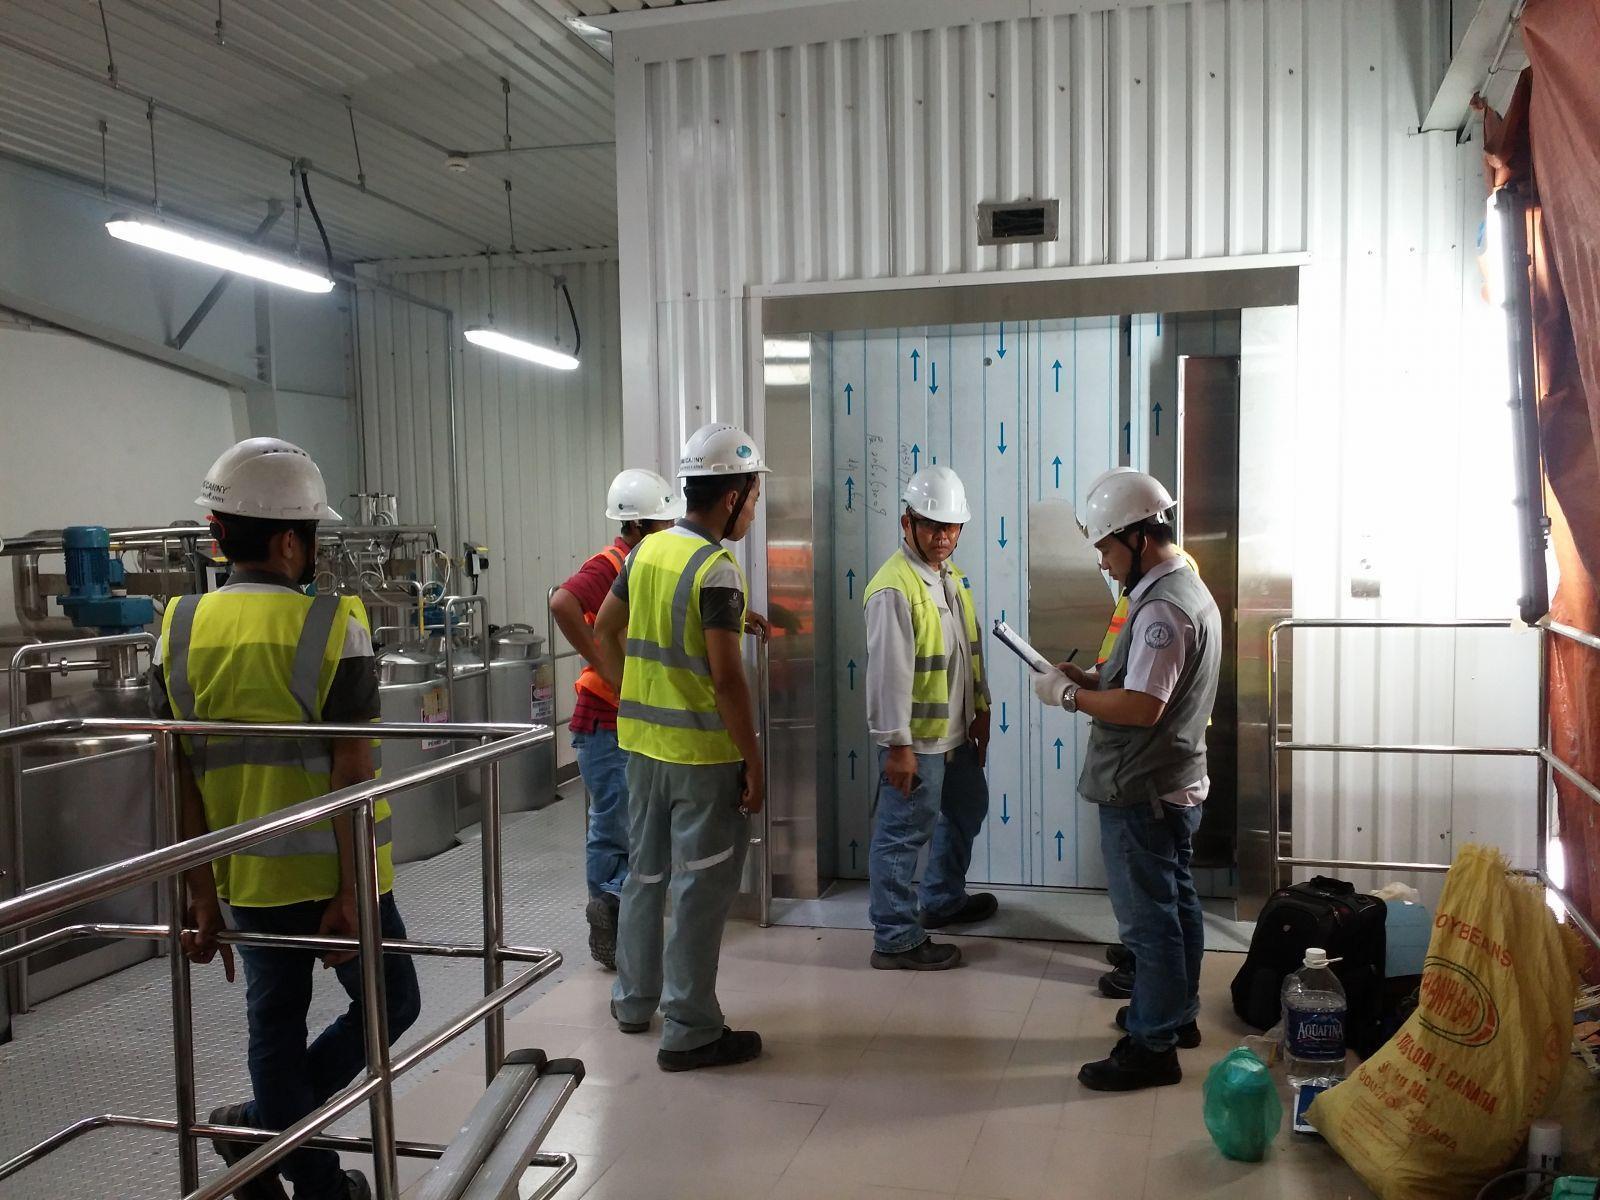 Chi phí bảo trì thang máy tải hàng  là bao nhiêu?